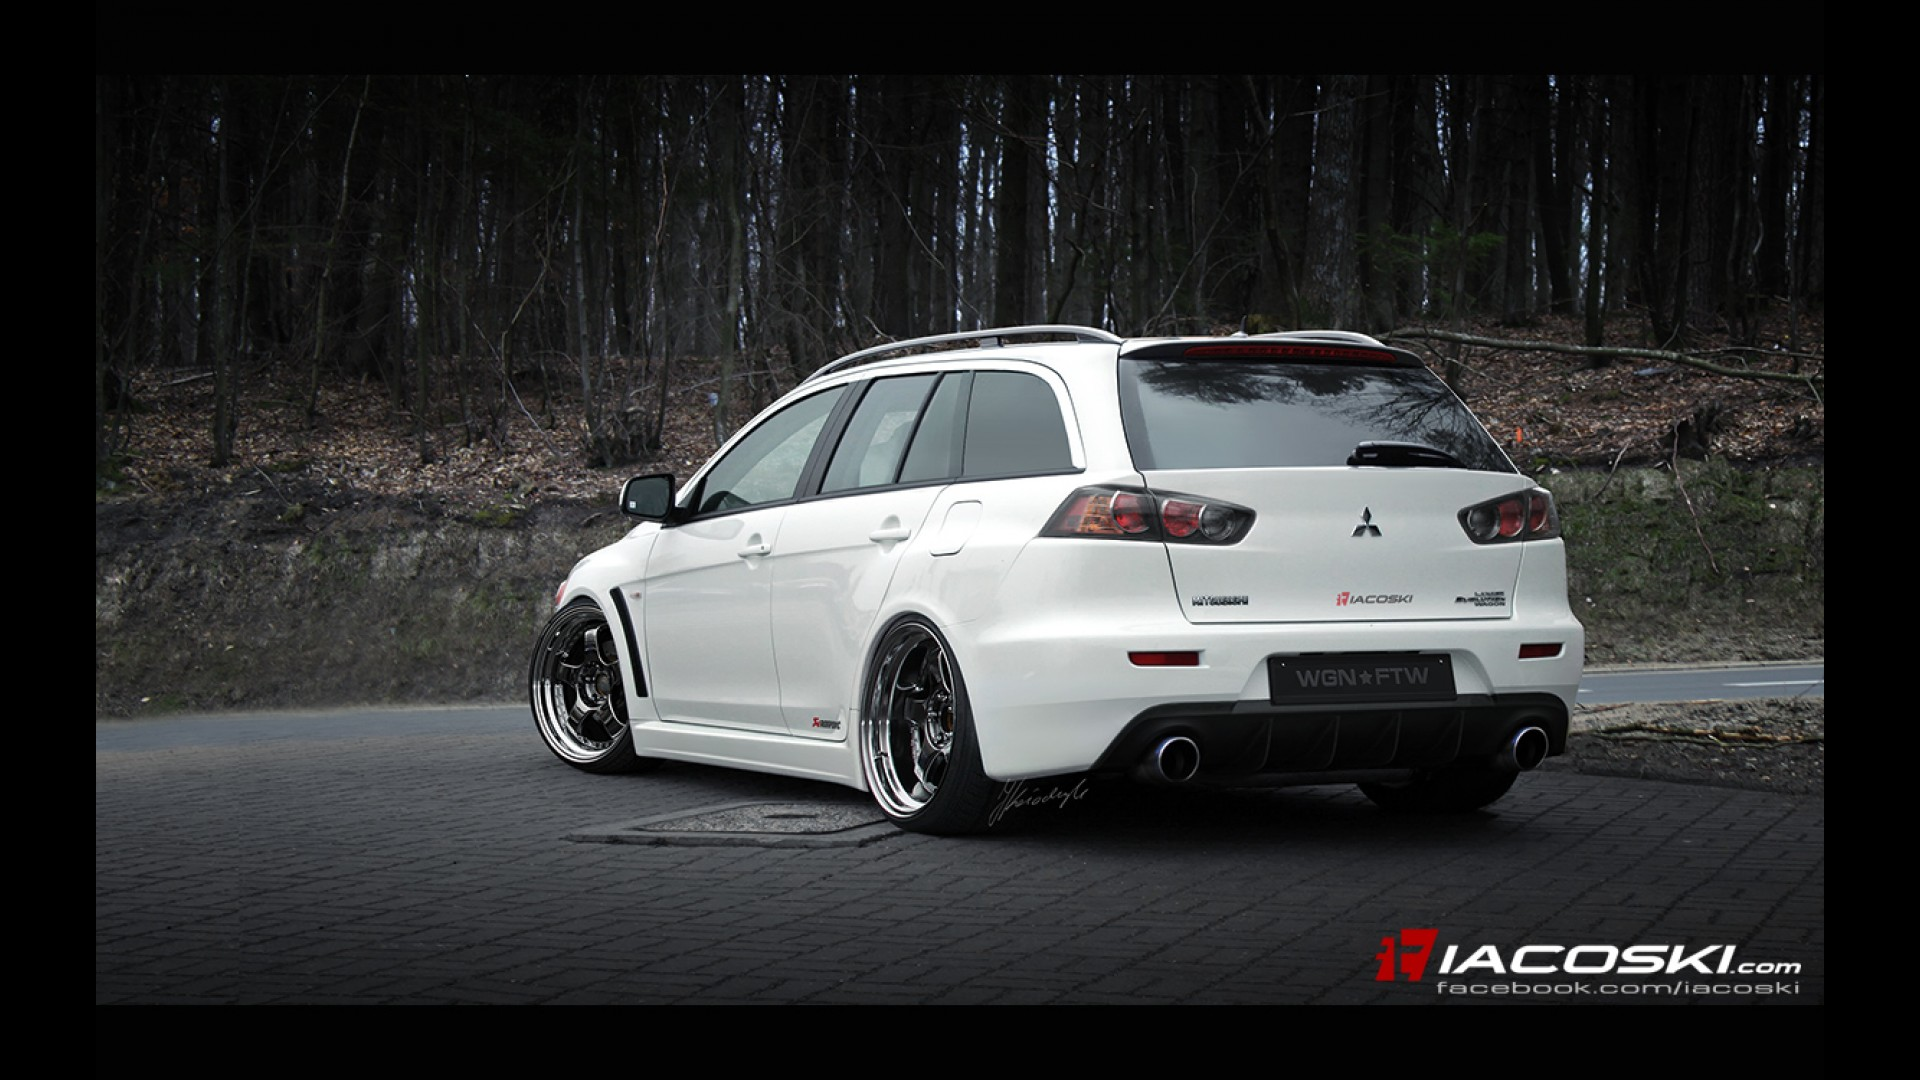 Mitsubishi Evo X Wagon by Iacoski Design